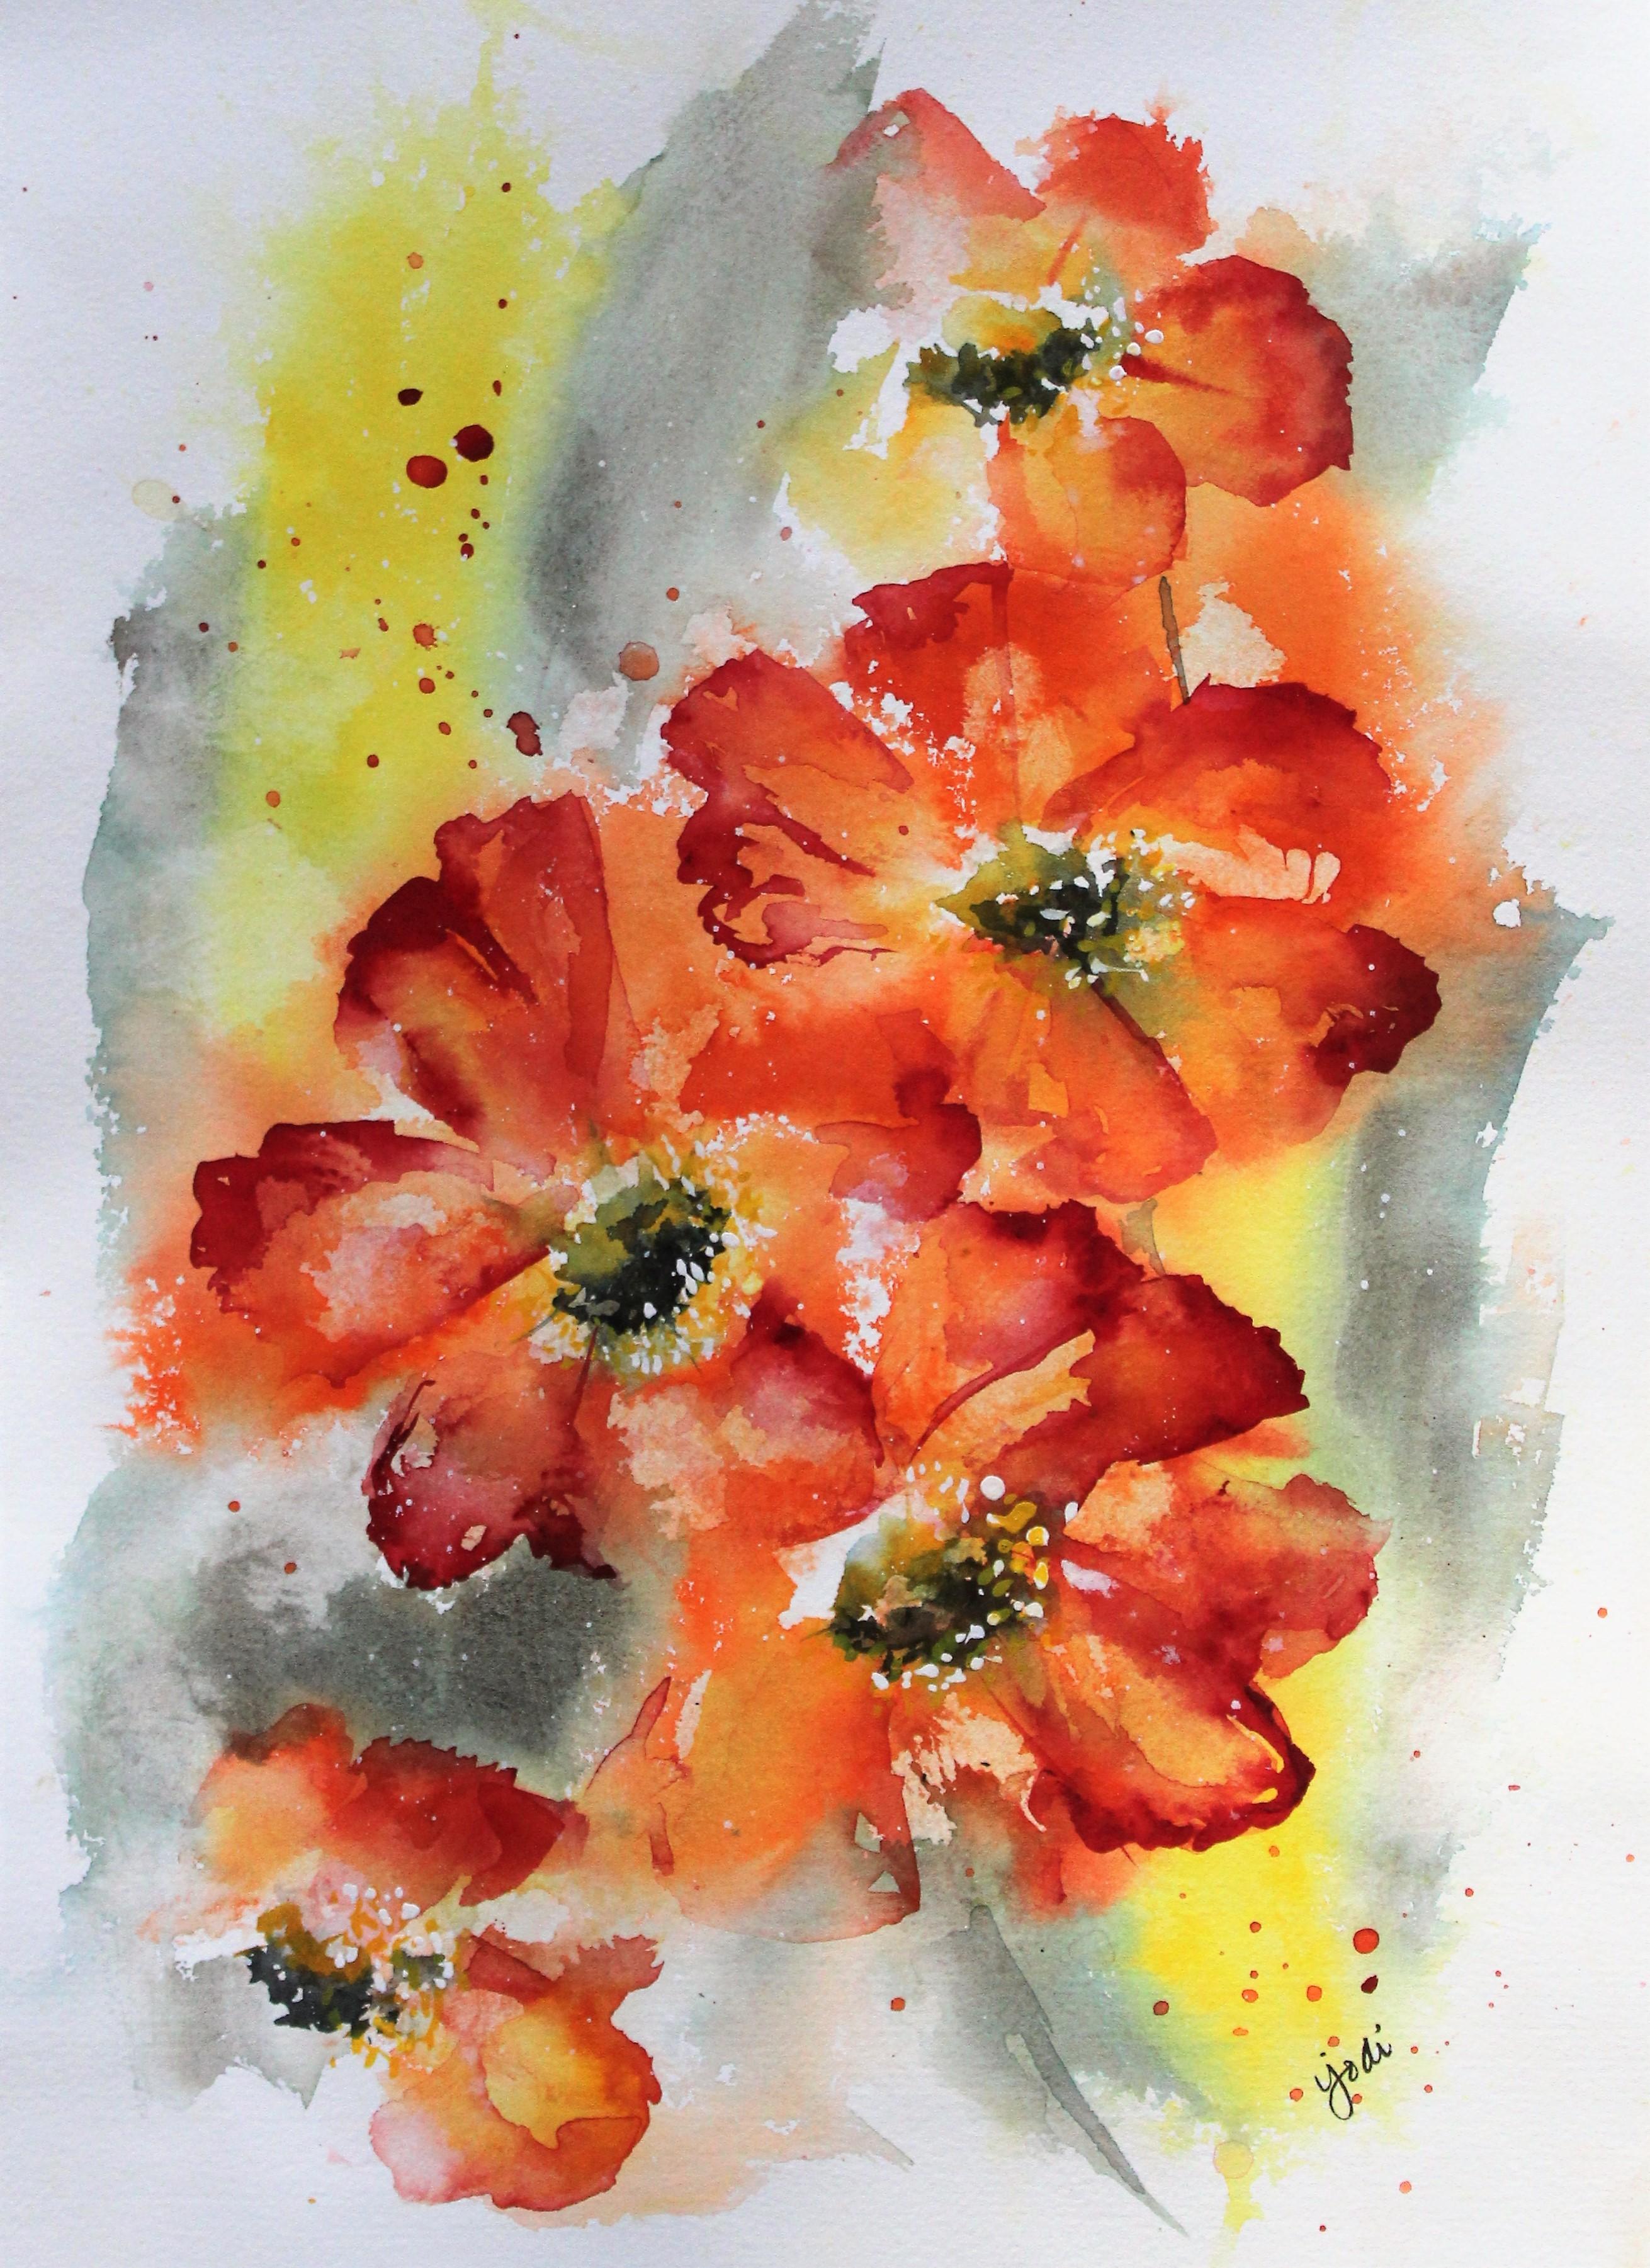 orange | the creative life in between